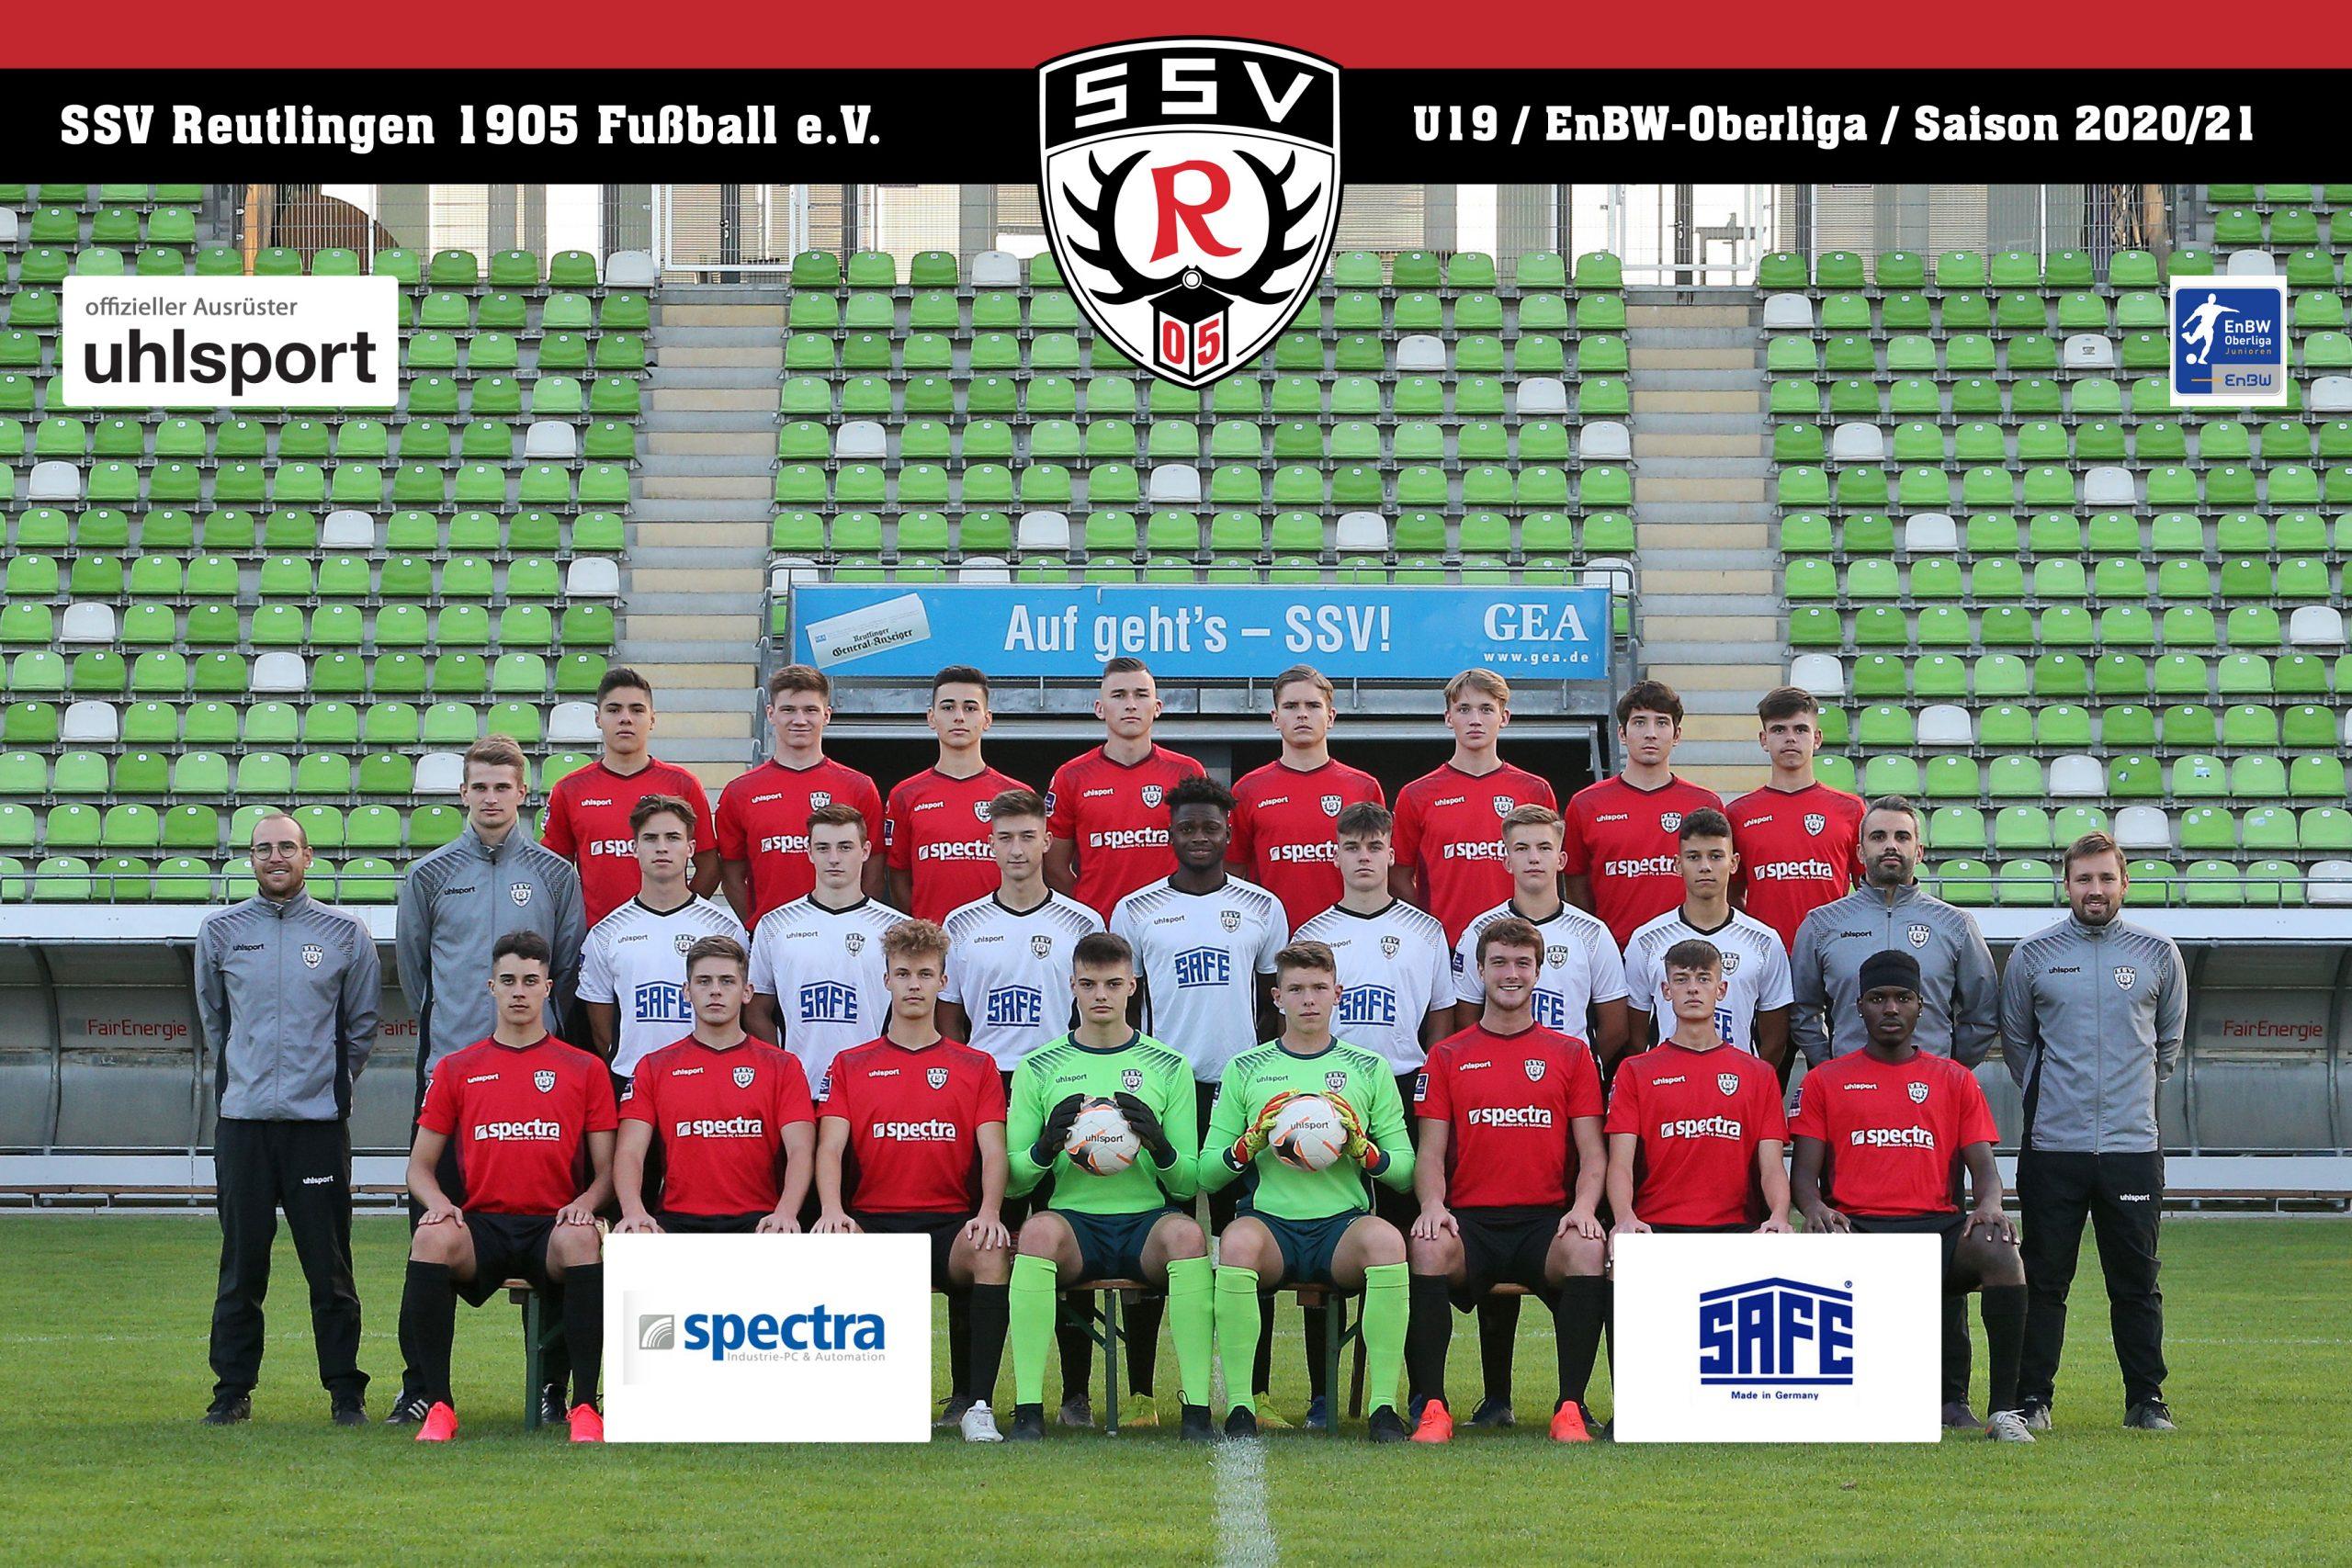 Fussball | SSV Reutlingen / Mannschaft U19 - Saison 2020/21